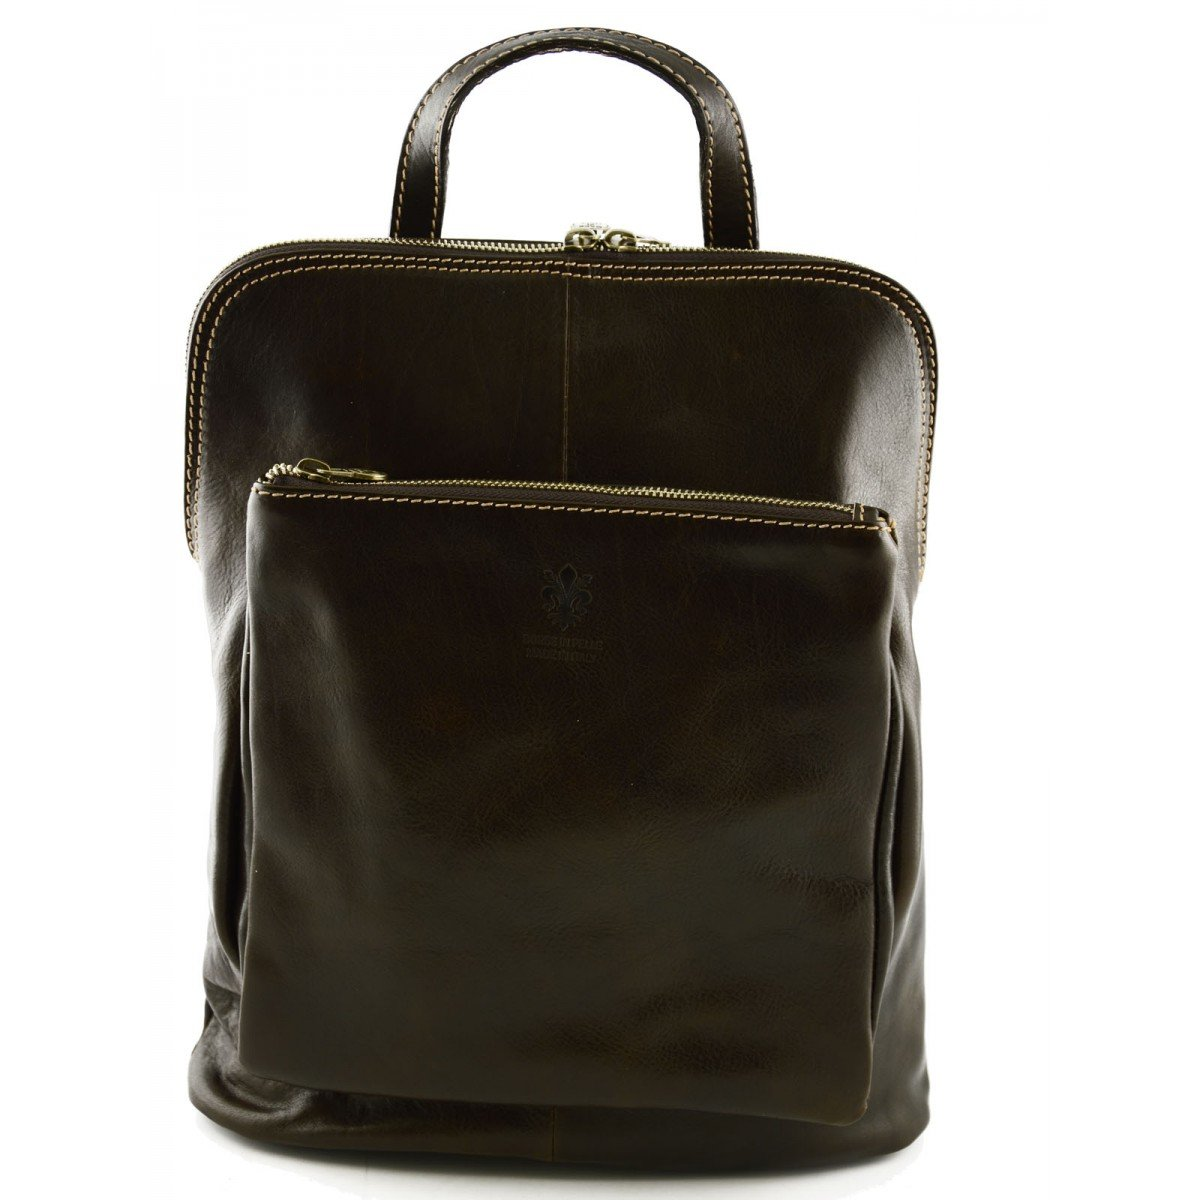 Genuine Leather Backpack Shoulder Bag Color Dark Brown